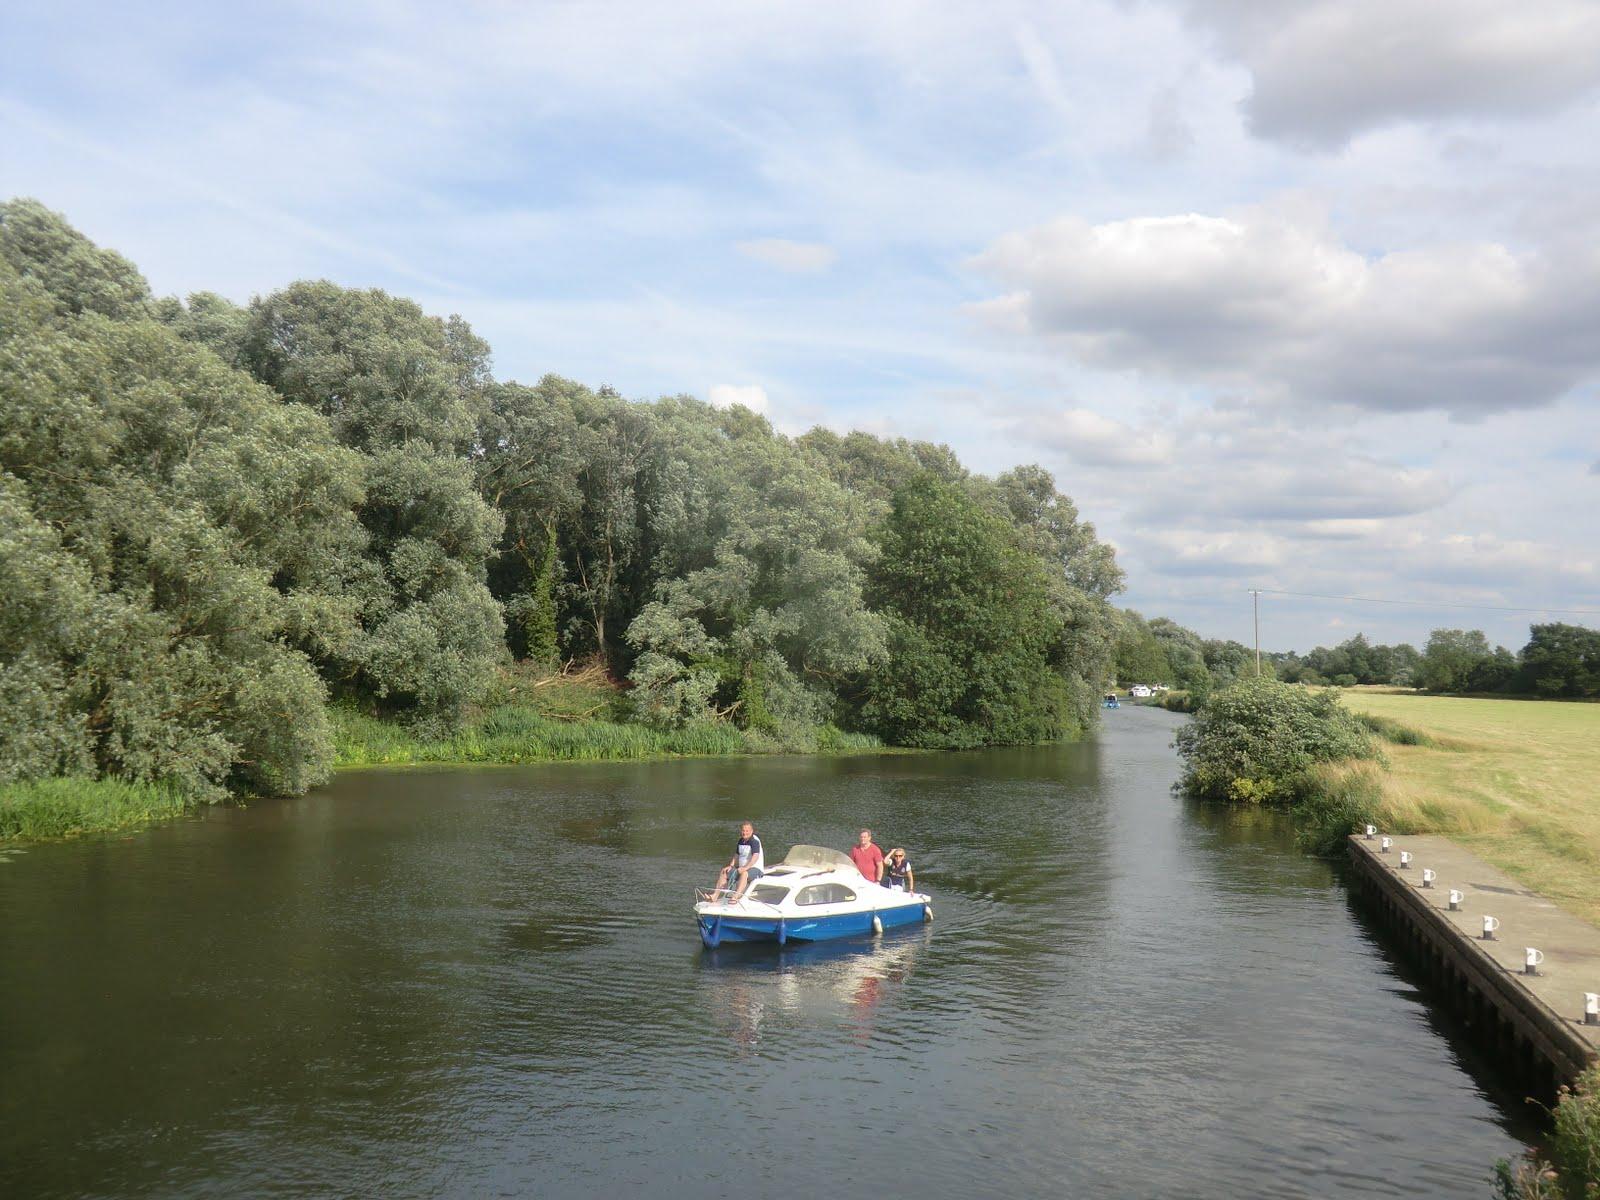 CIMG8943 Approaching Houghton Lock